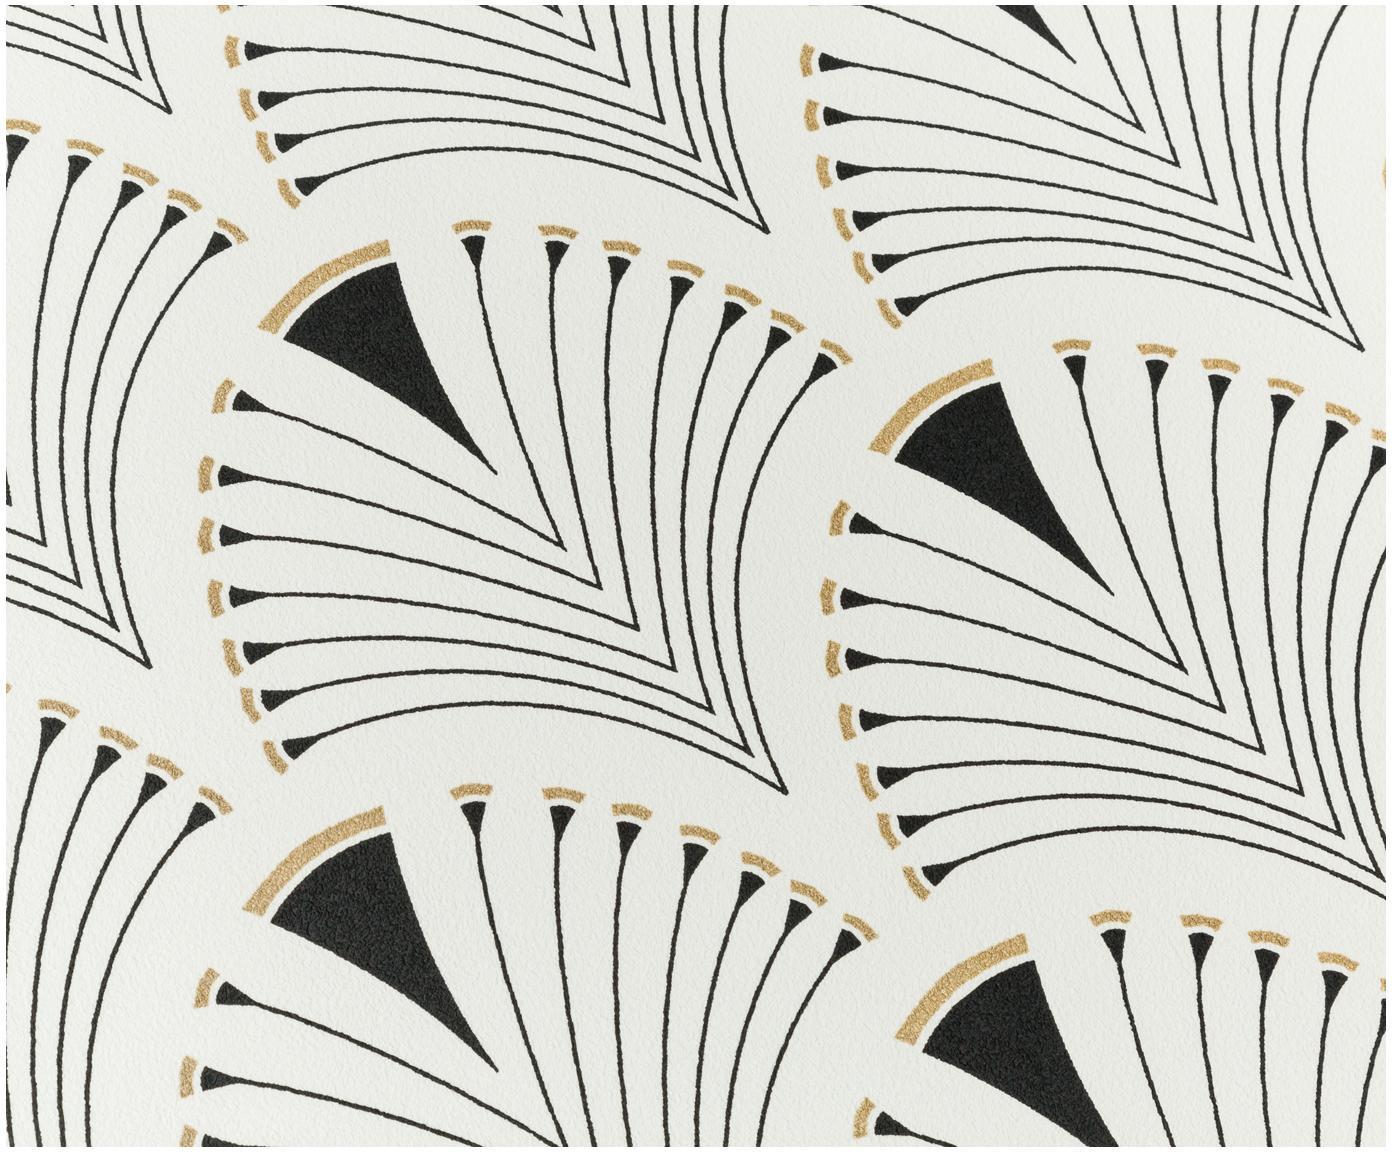 Tapeta Labyrinth, Włóknina, Biały, czarny, odcienie złotego, błyszczący, S 53 x D 1005 cm